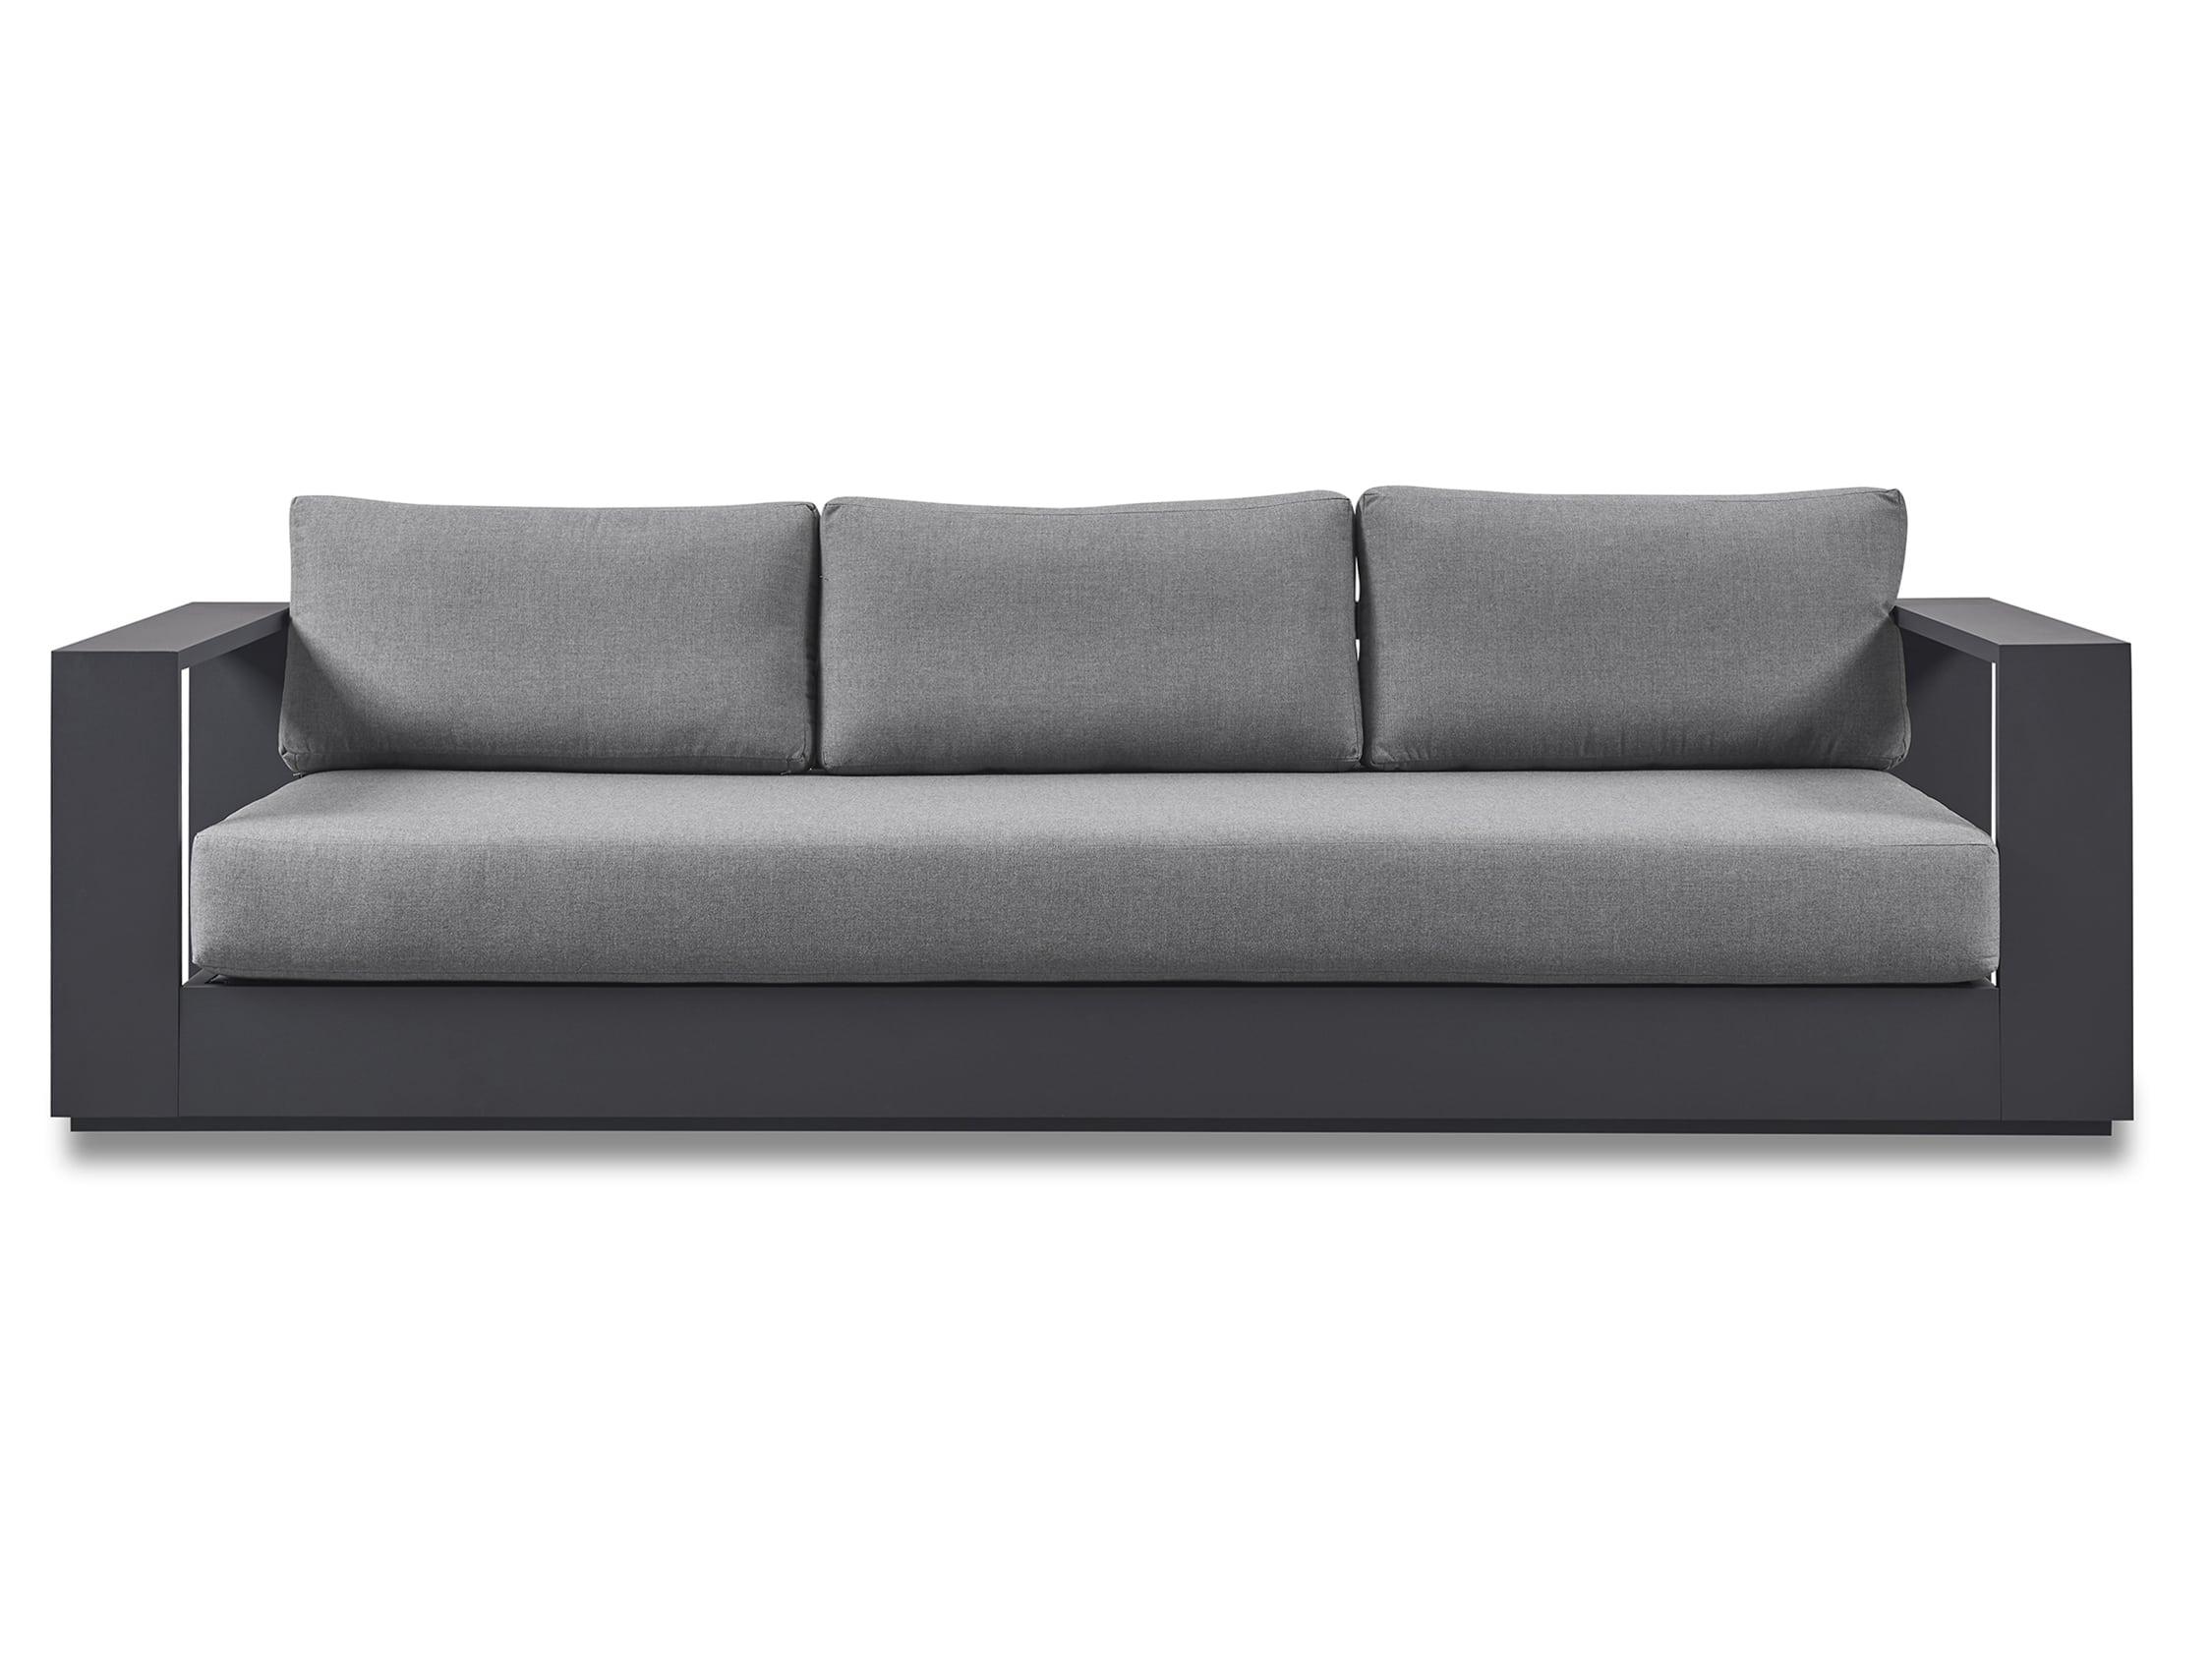 Hayman 3 Seat Sofa AF-Front